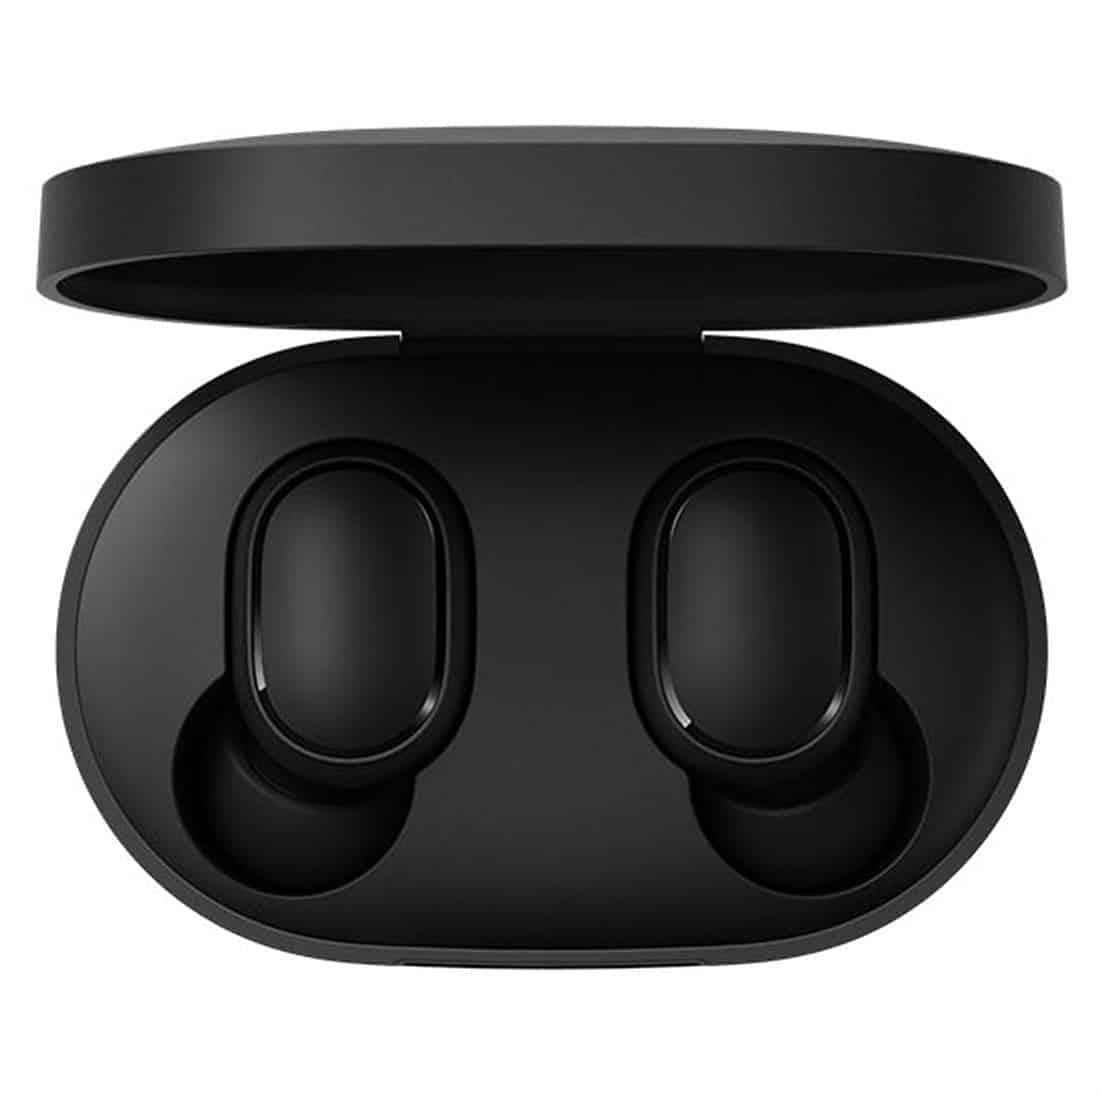 xiaomi mi true wireless earbuds basic 1